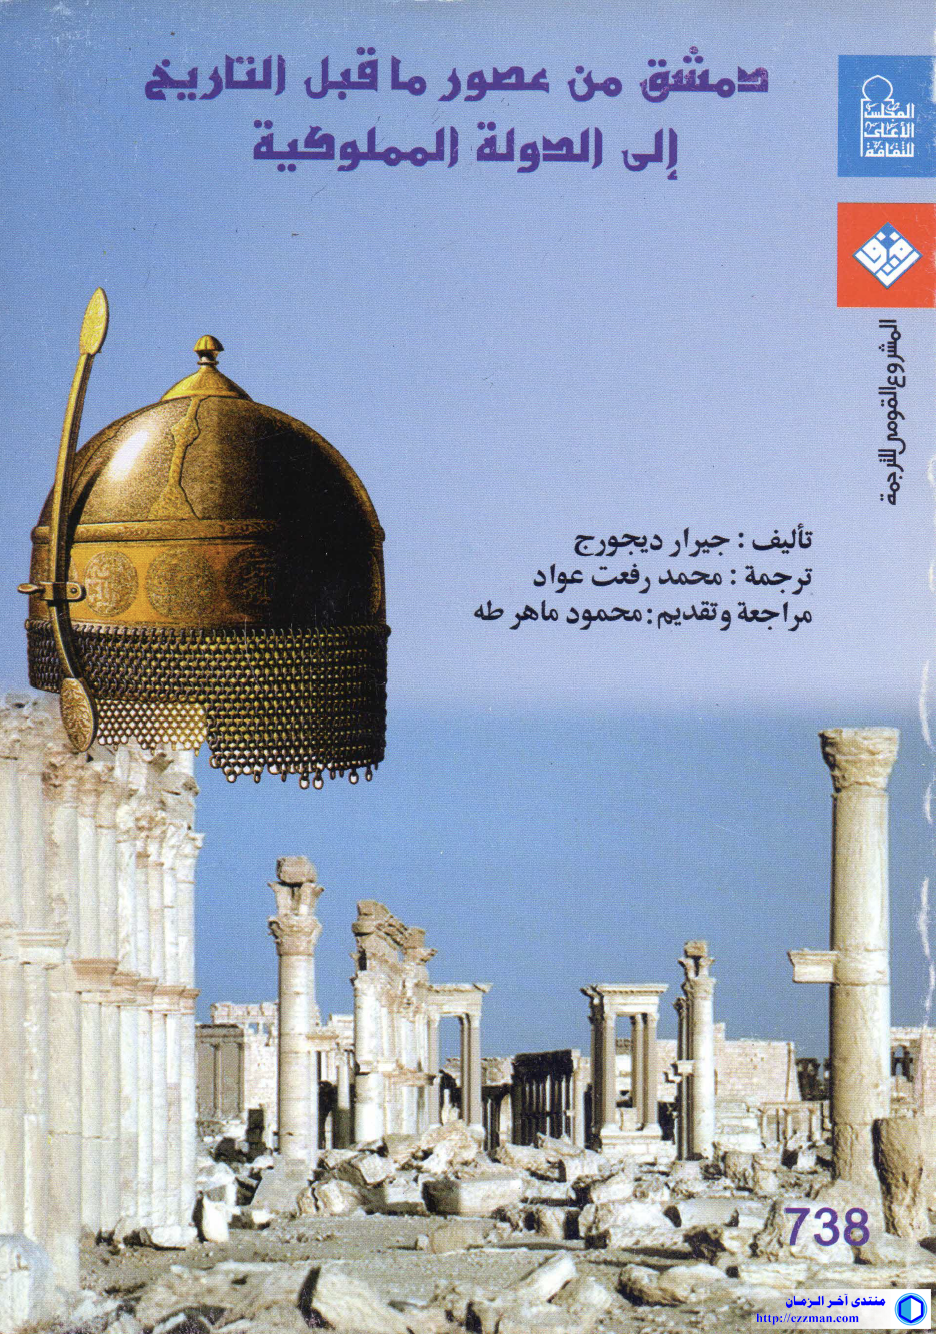 دمشق عصور التاريخ الدولة المملوكية